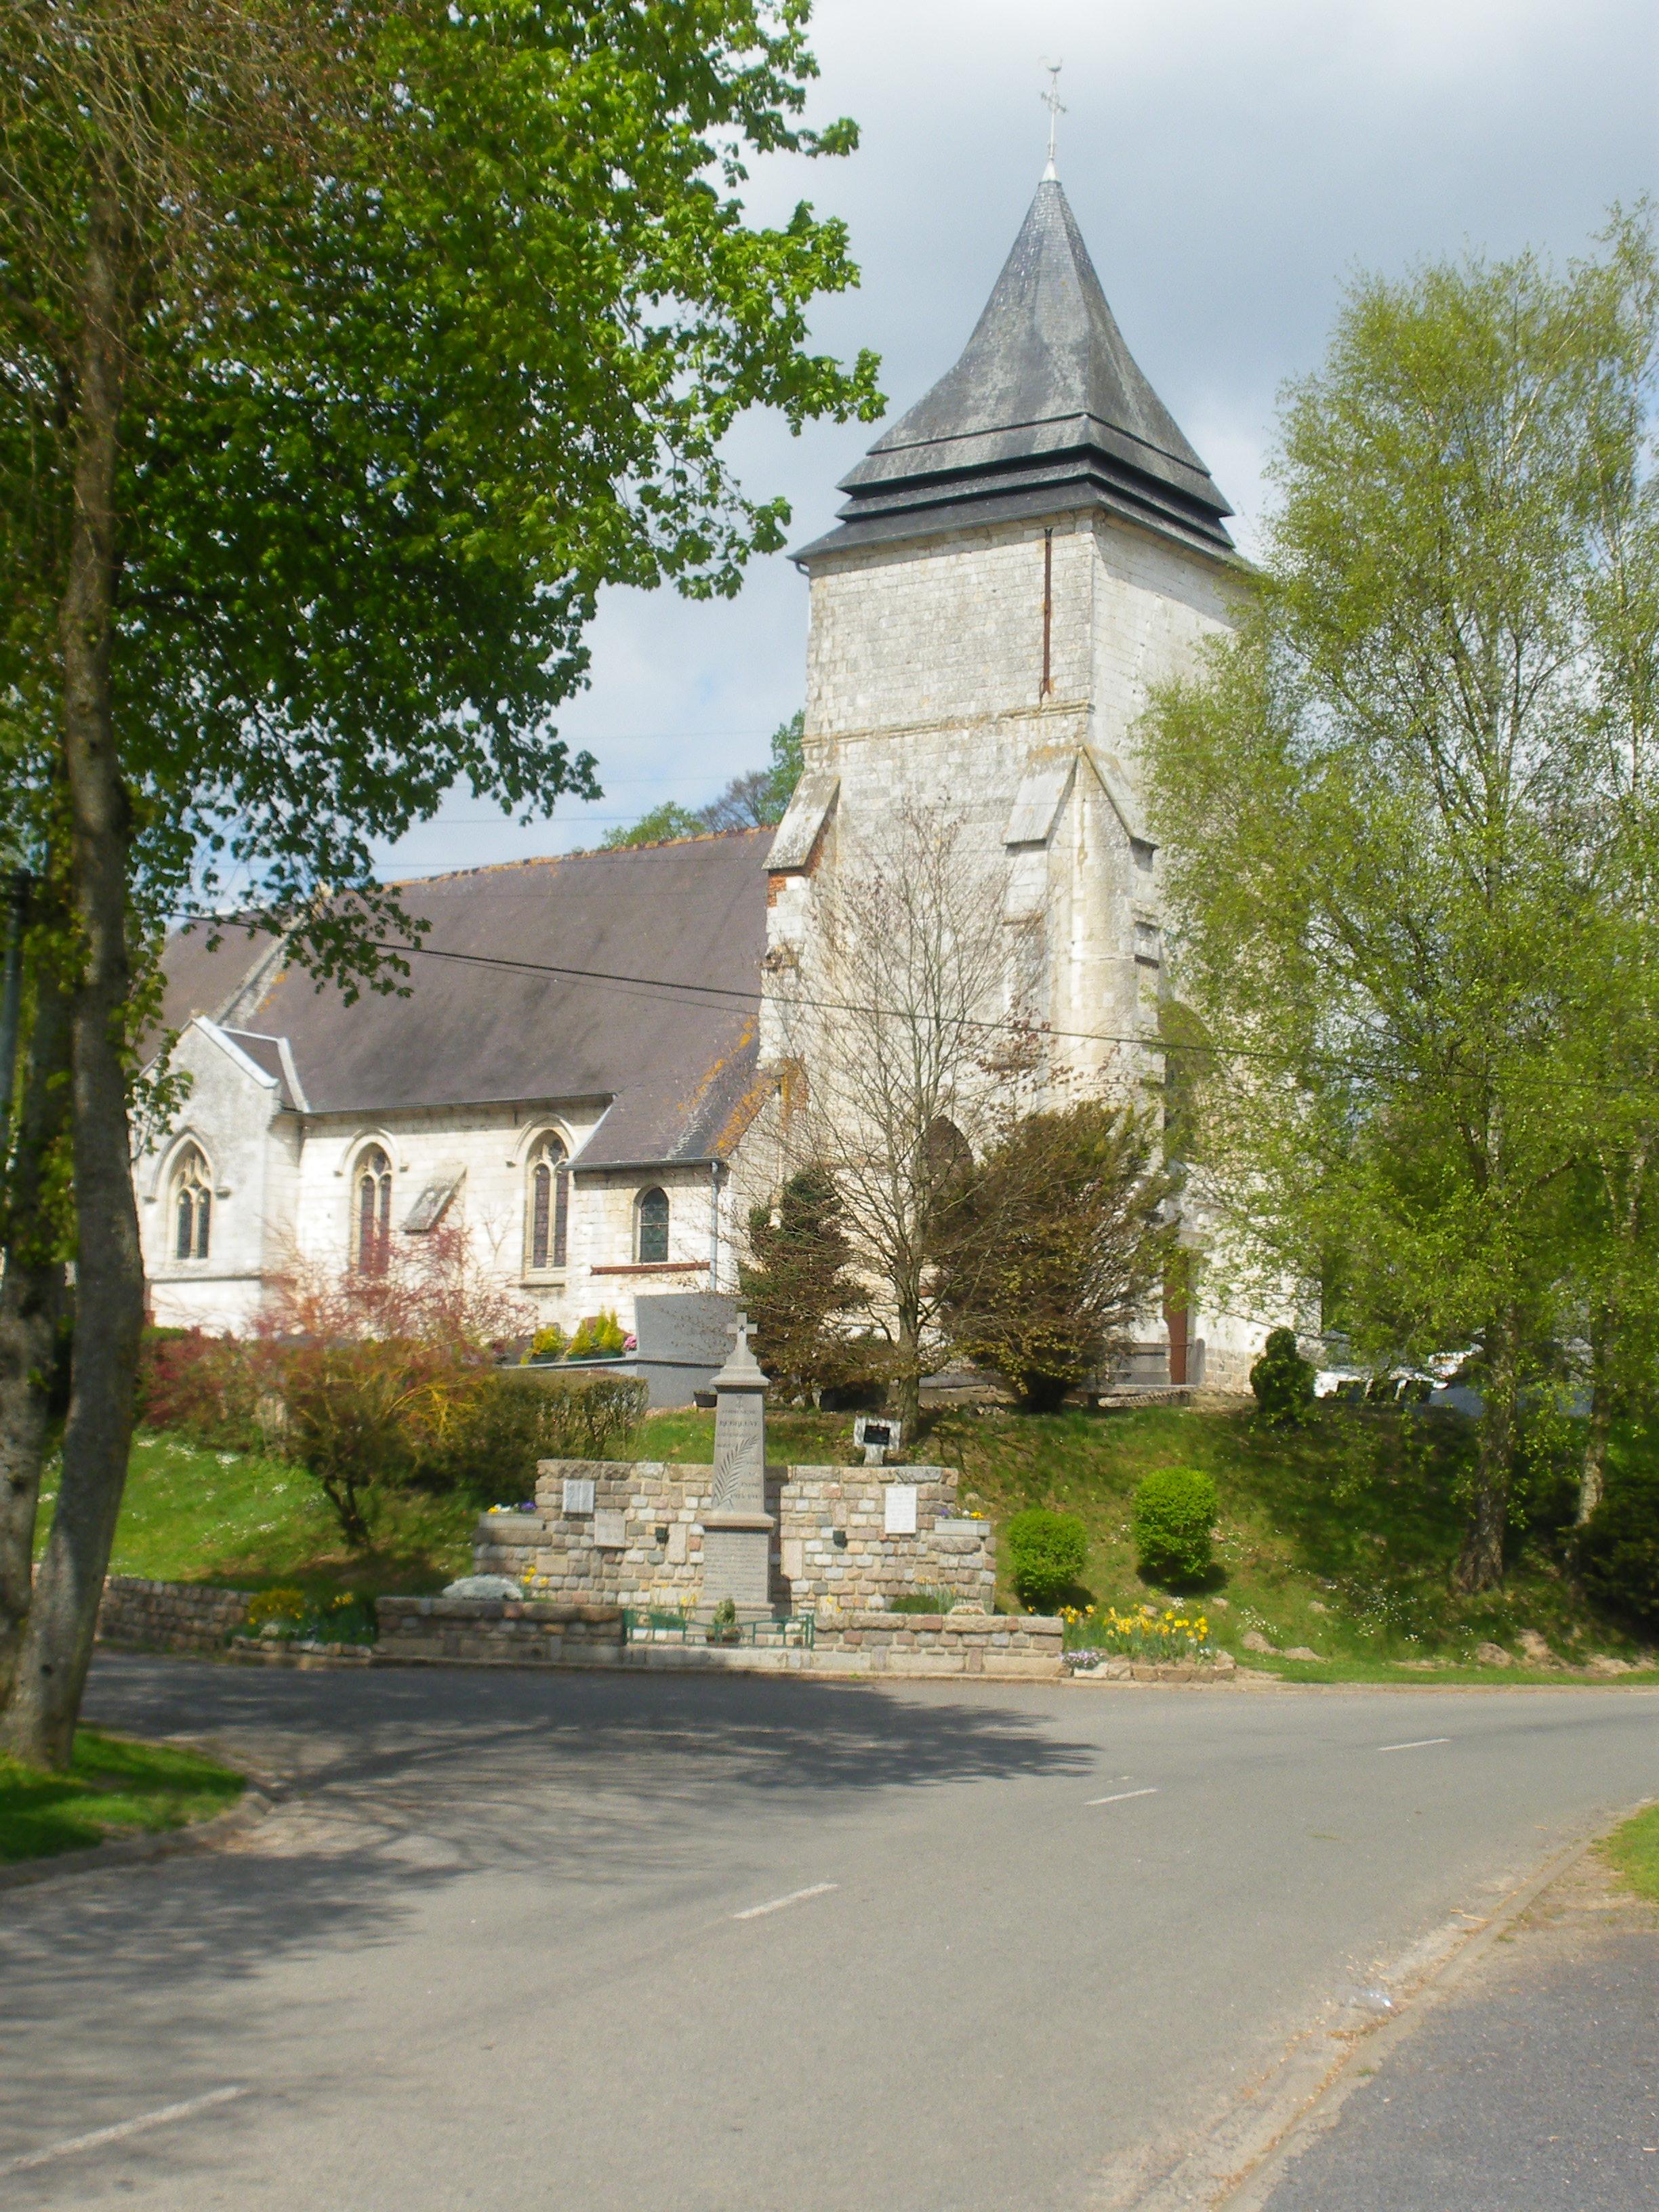 Rebreuve-sur-Canche